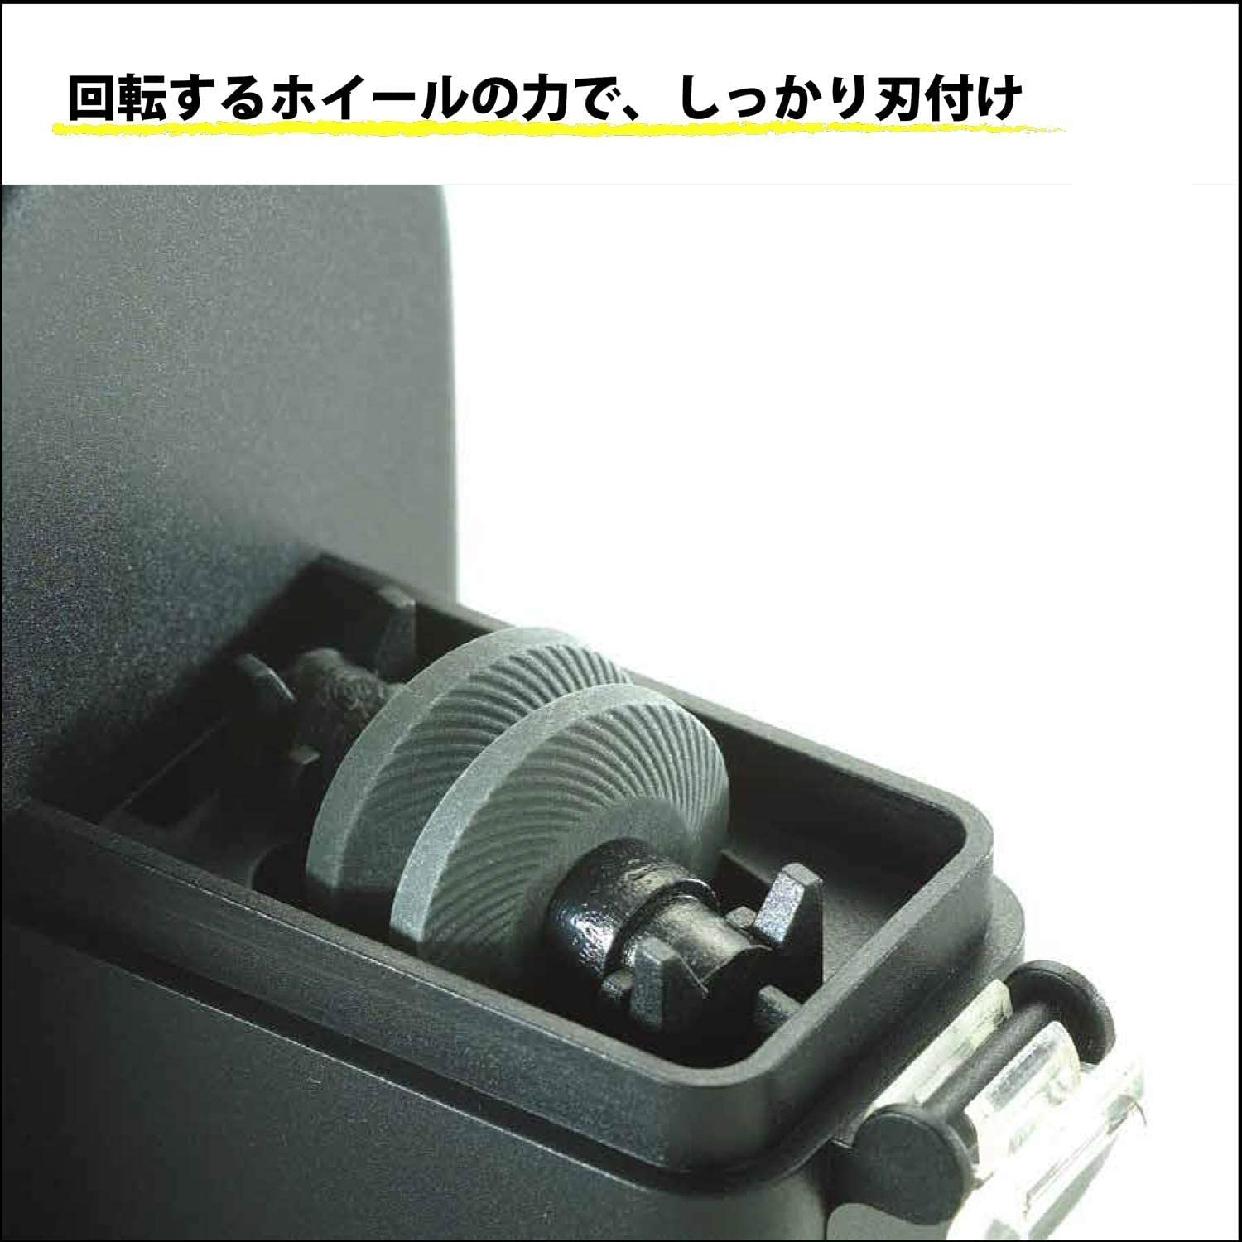 京セラ(キョウセラ)ロールシャープナー RS-20BKの商品画像5